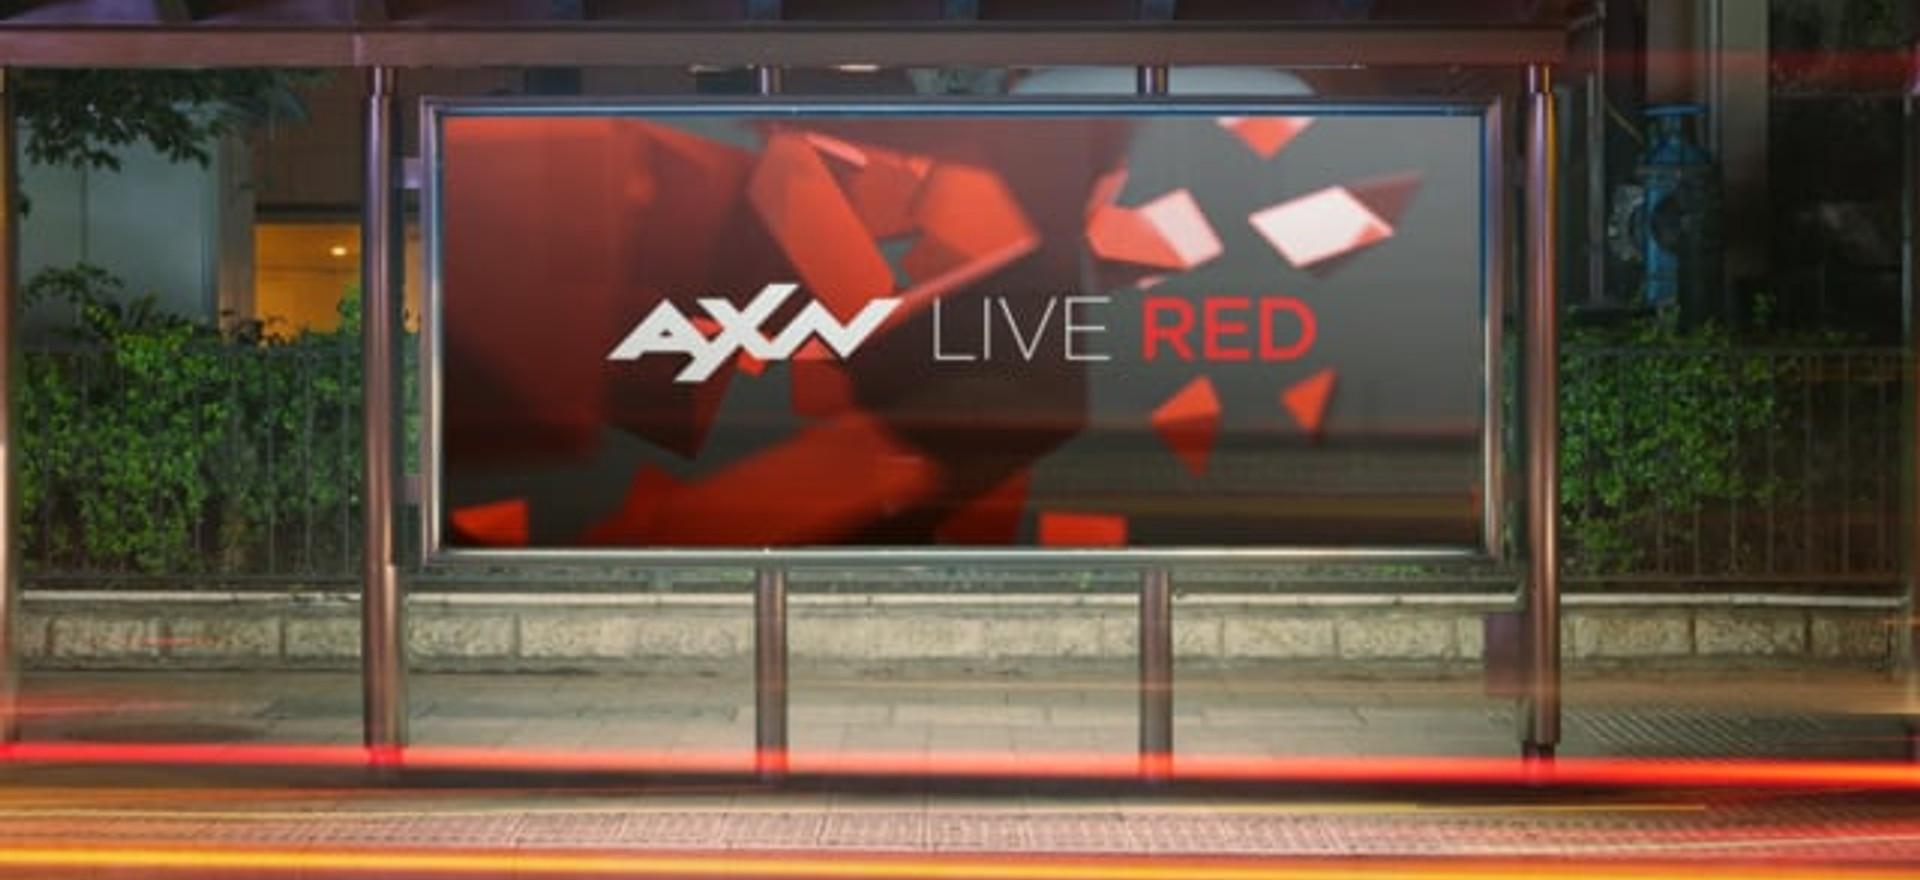 AXN Rebrand Logo Animation Design